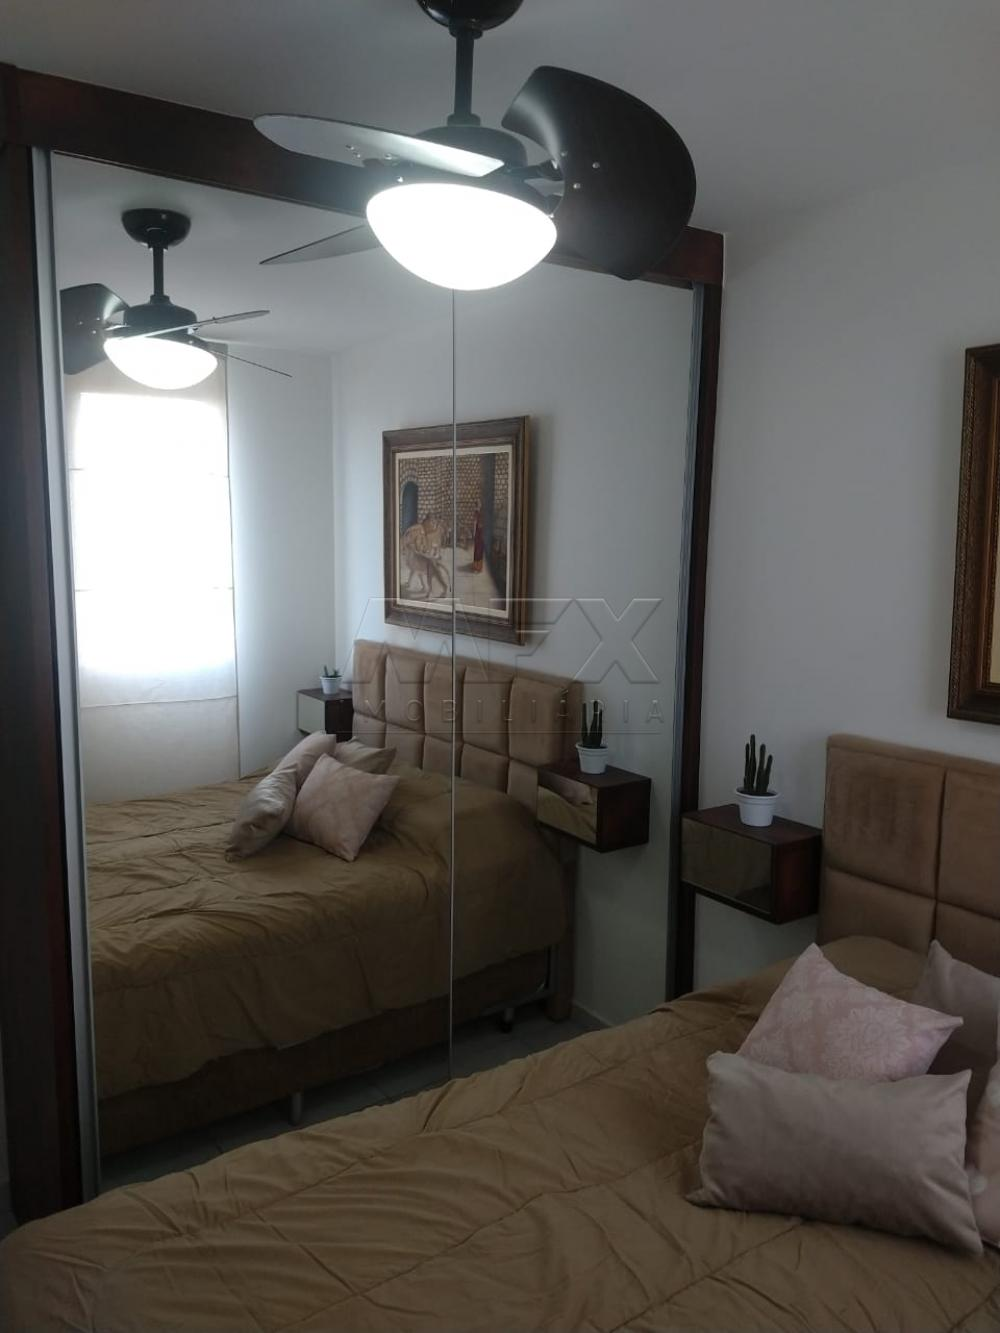 Comprar Apartamento / Padrão em Bauru apenas R$ 145.000,00 - Foto 6